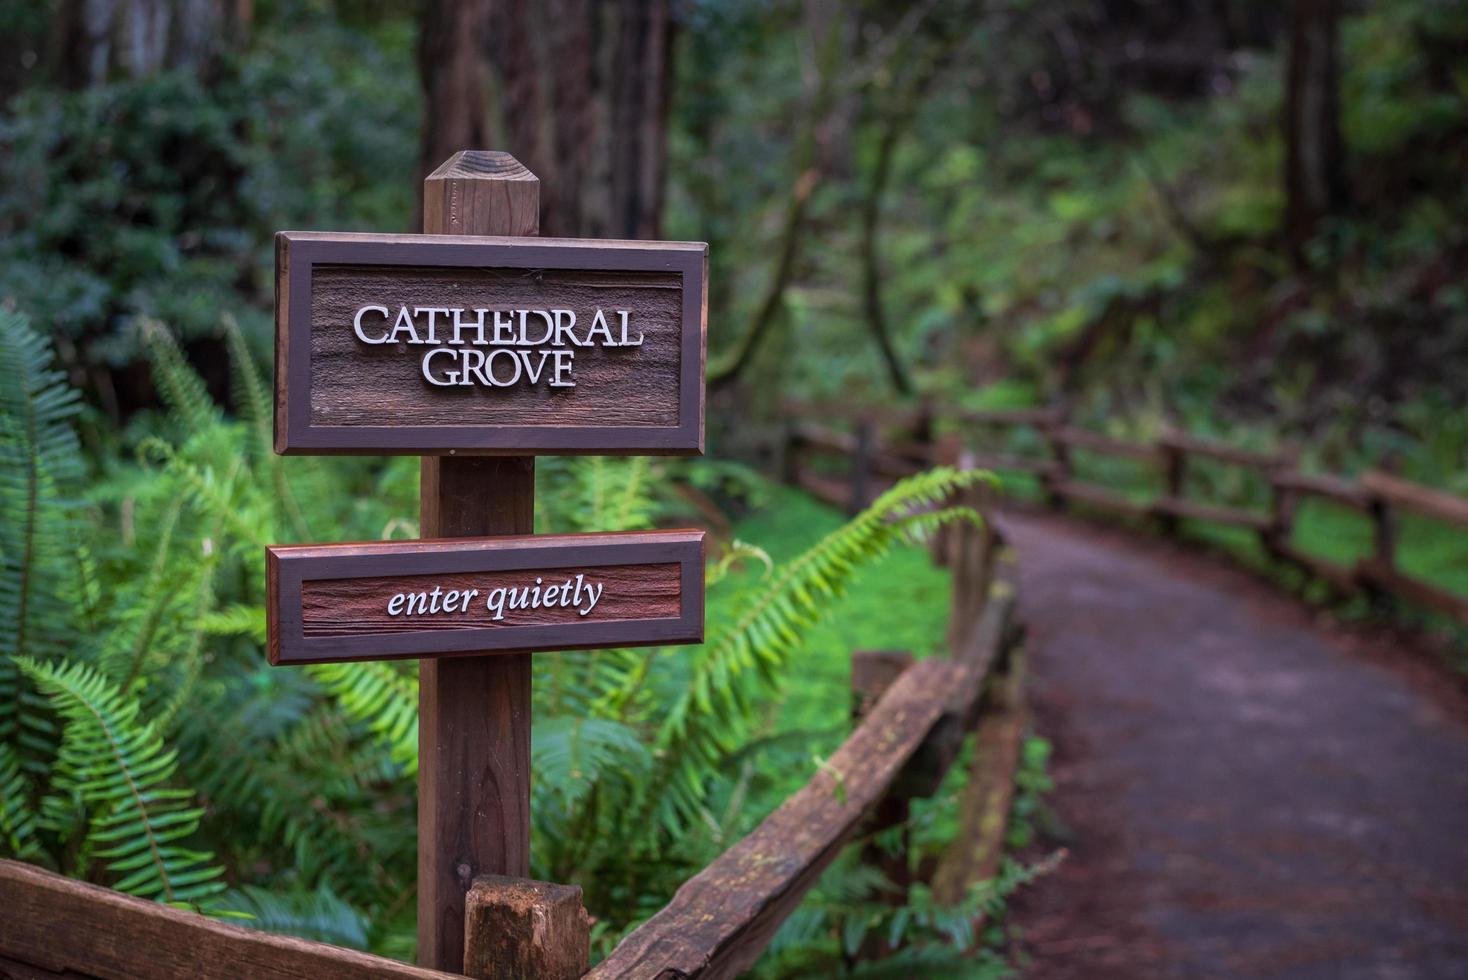 Letreros de madera marrón en la valla de madera marrón foto